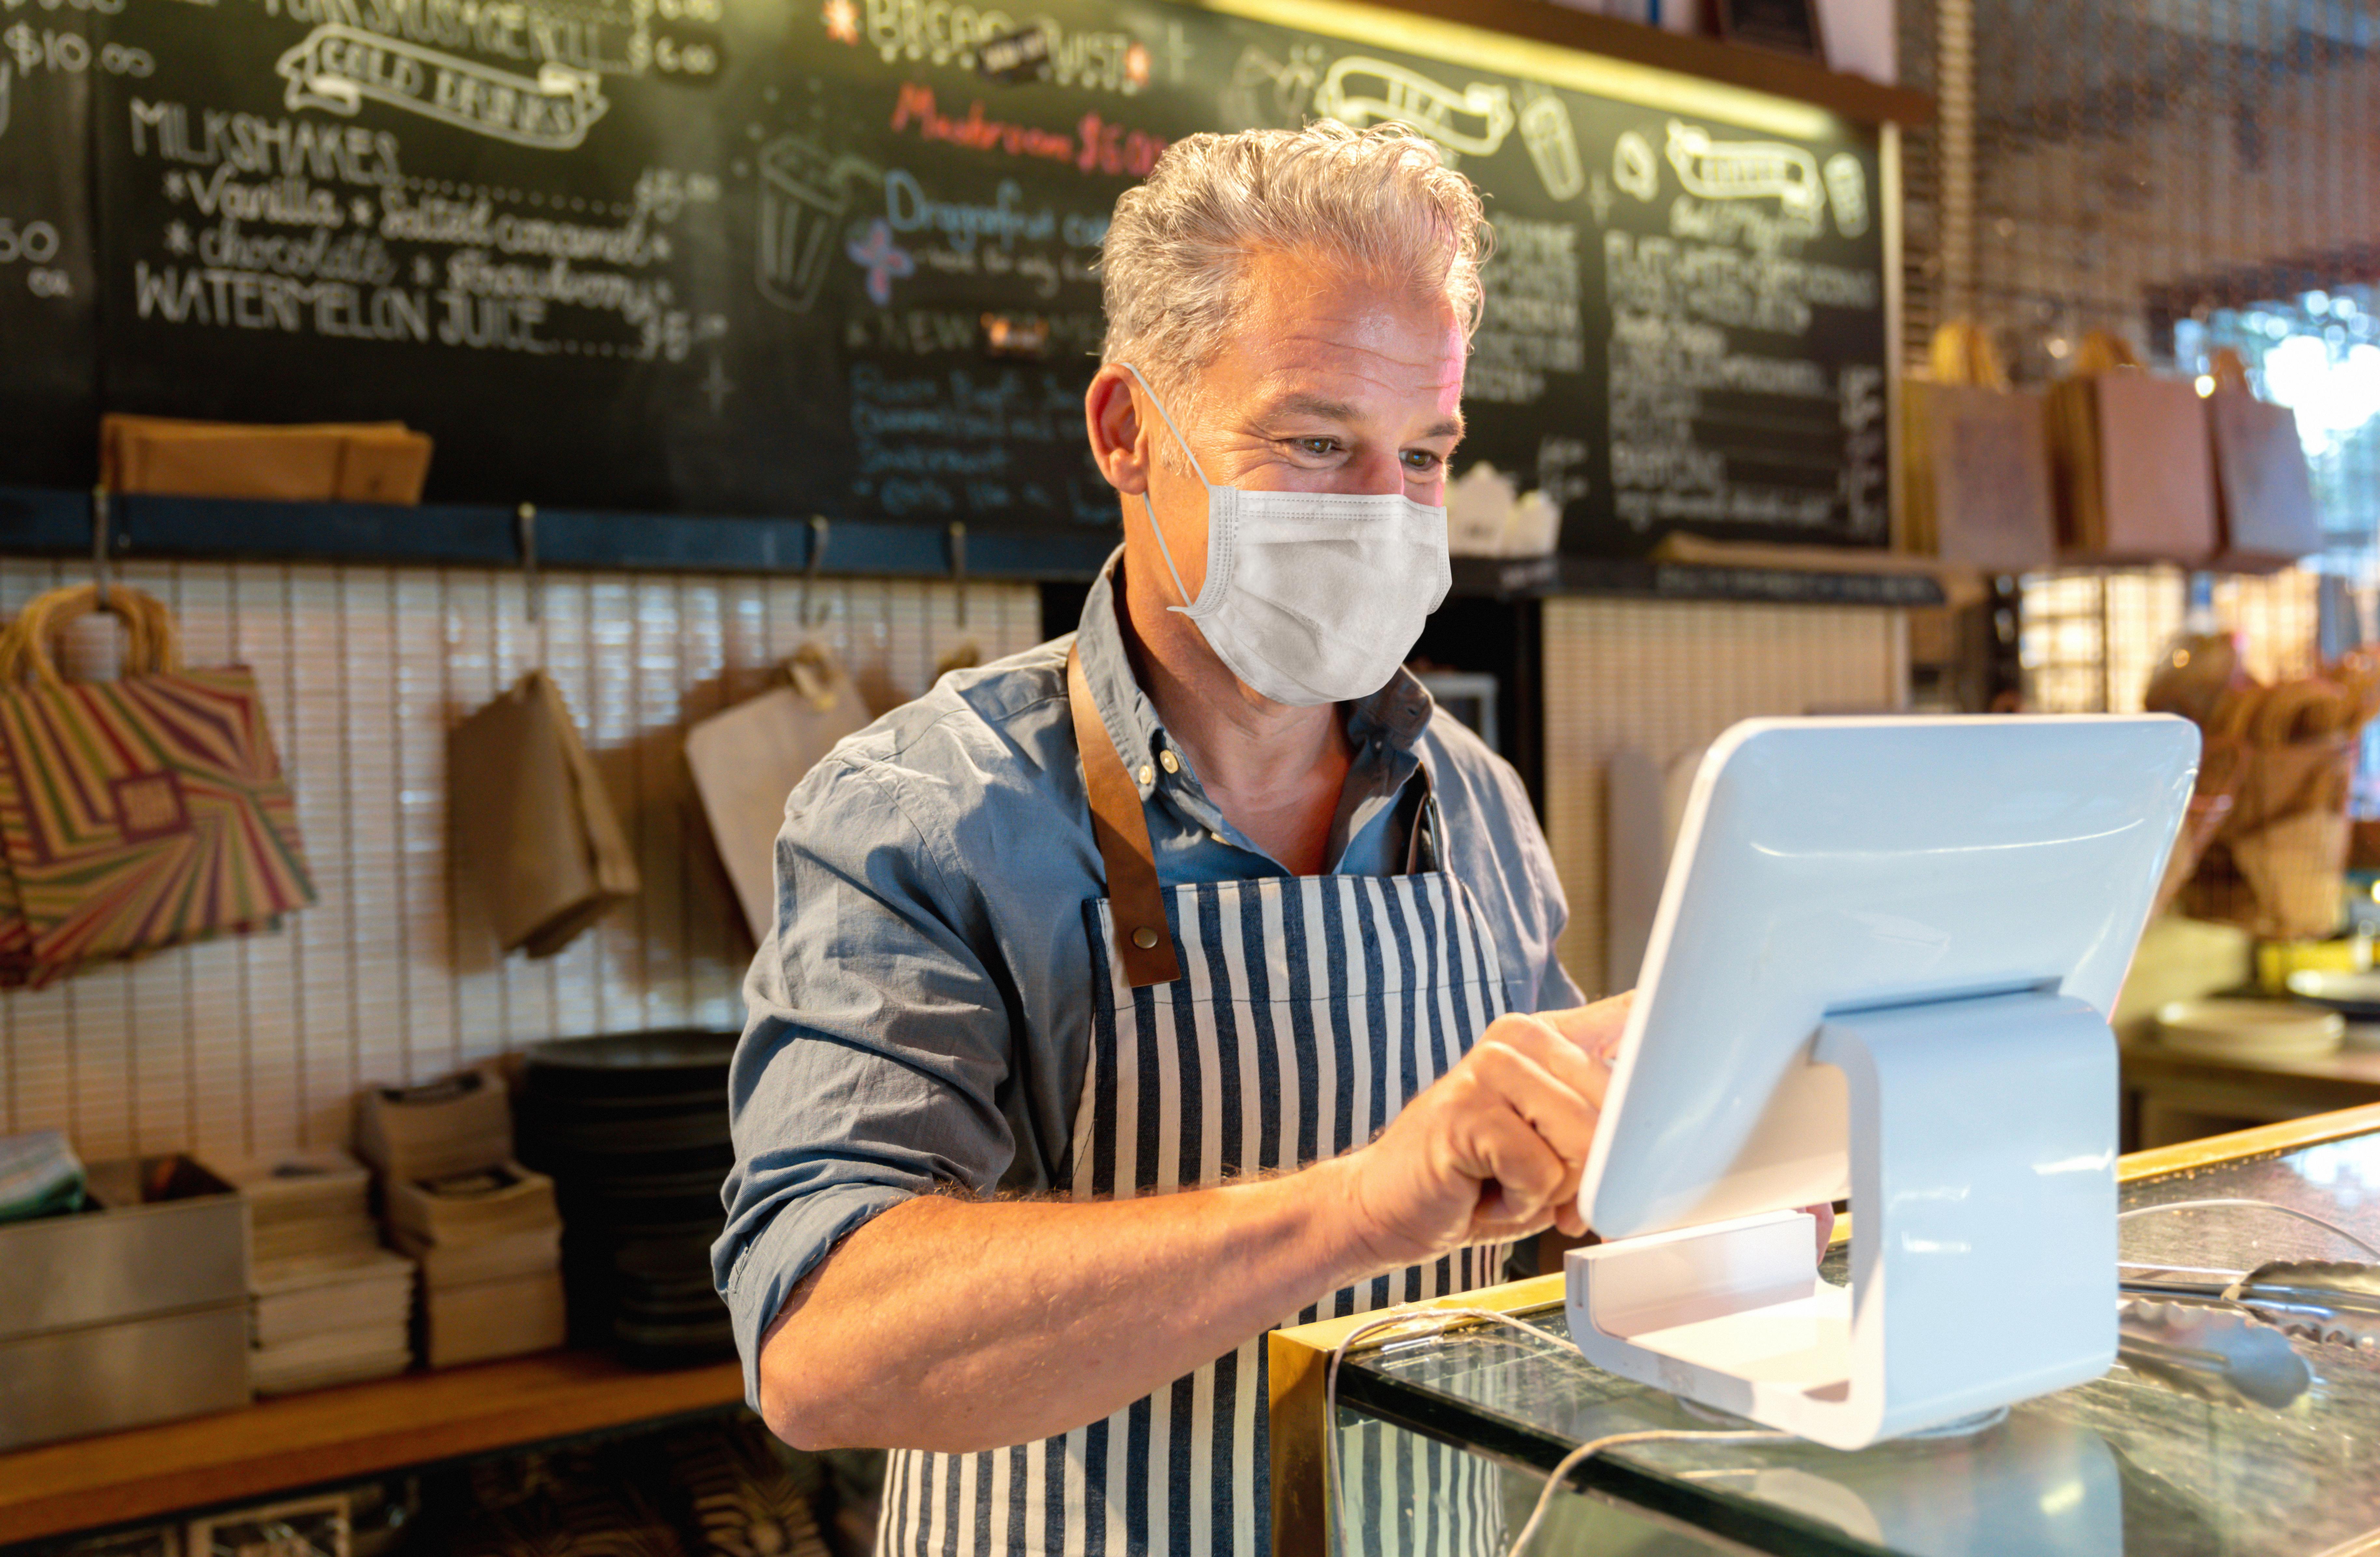 Middle-aged business owner in mask uses cash register tablet